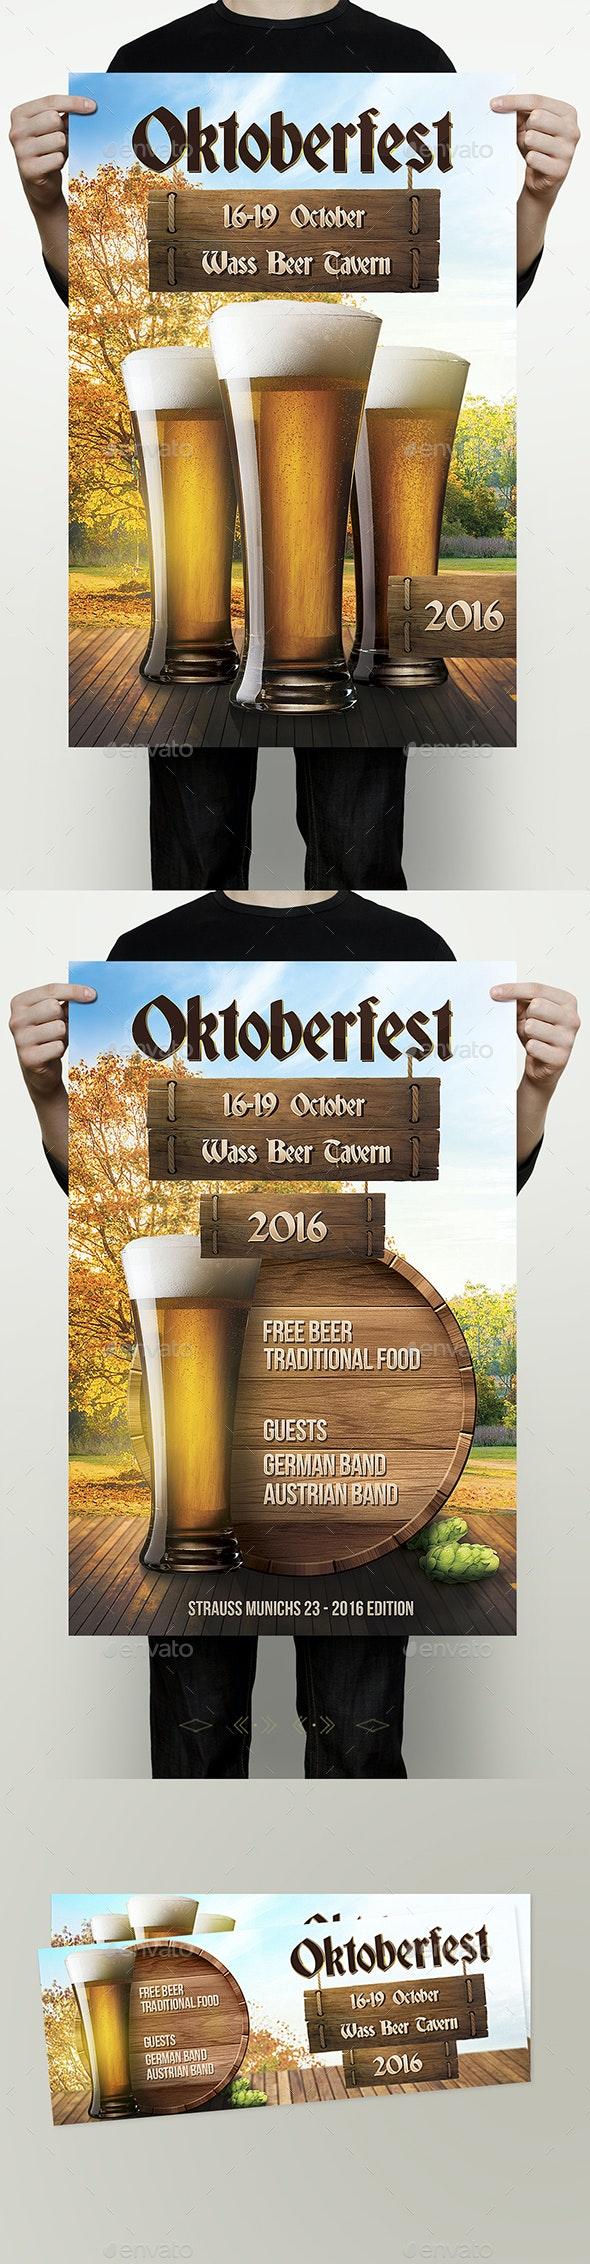 Oktoberfest - Holidays Events